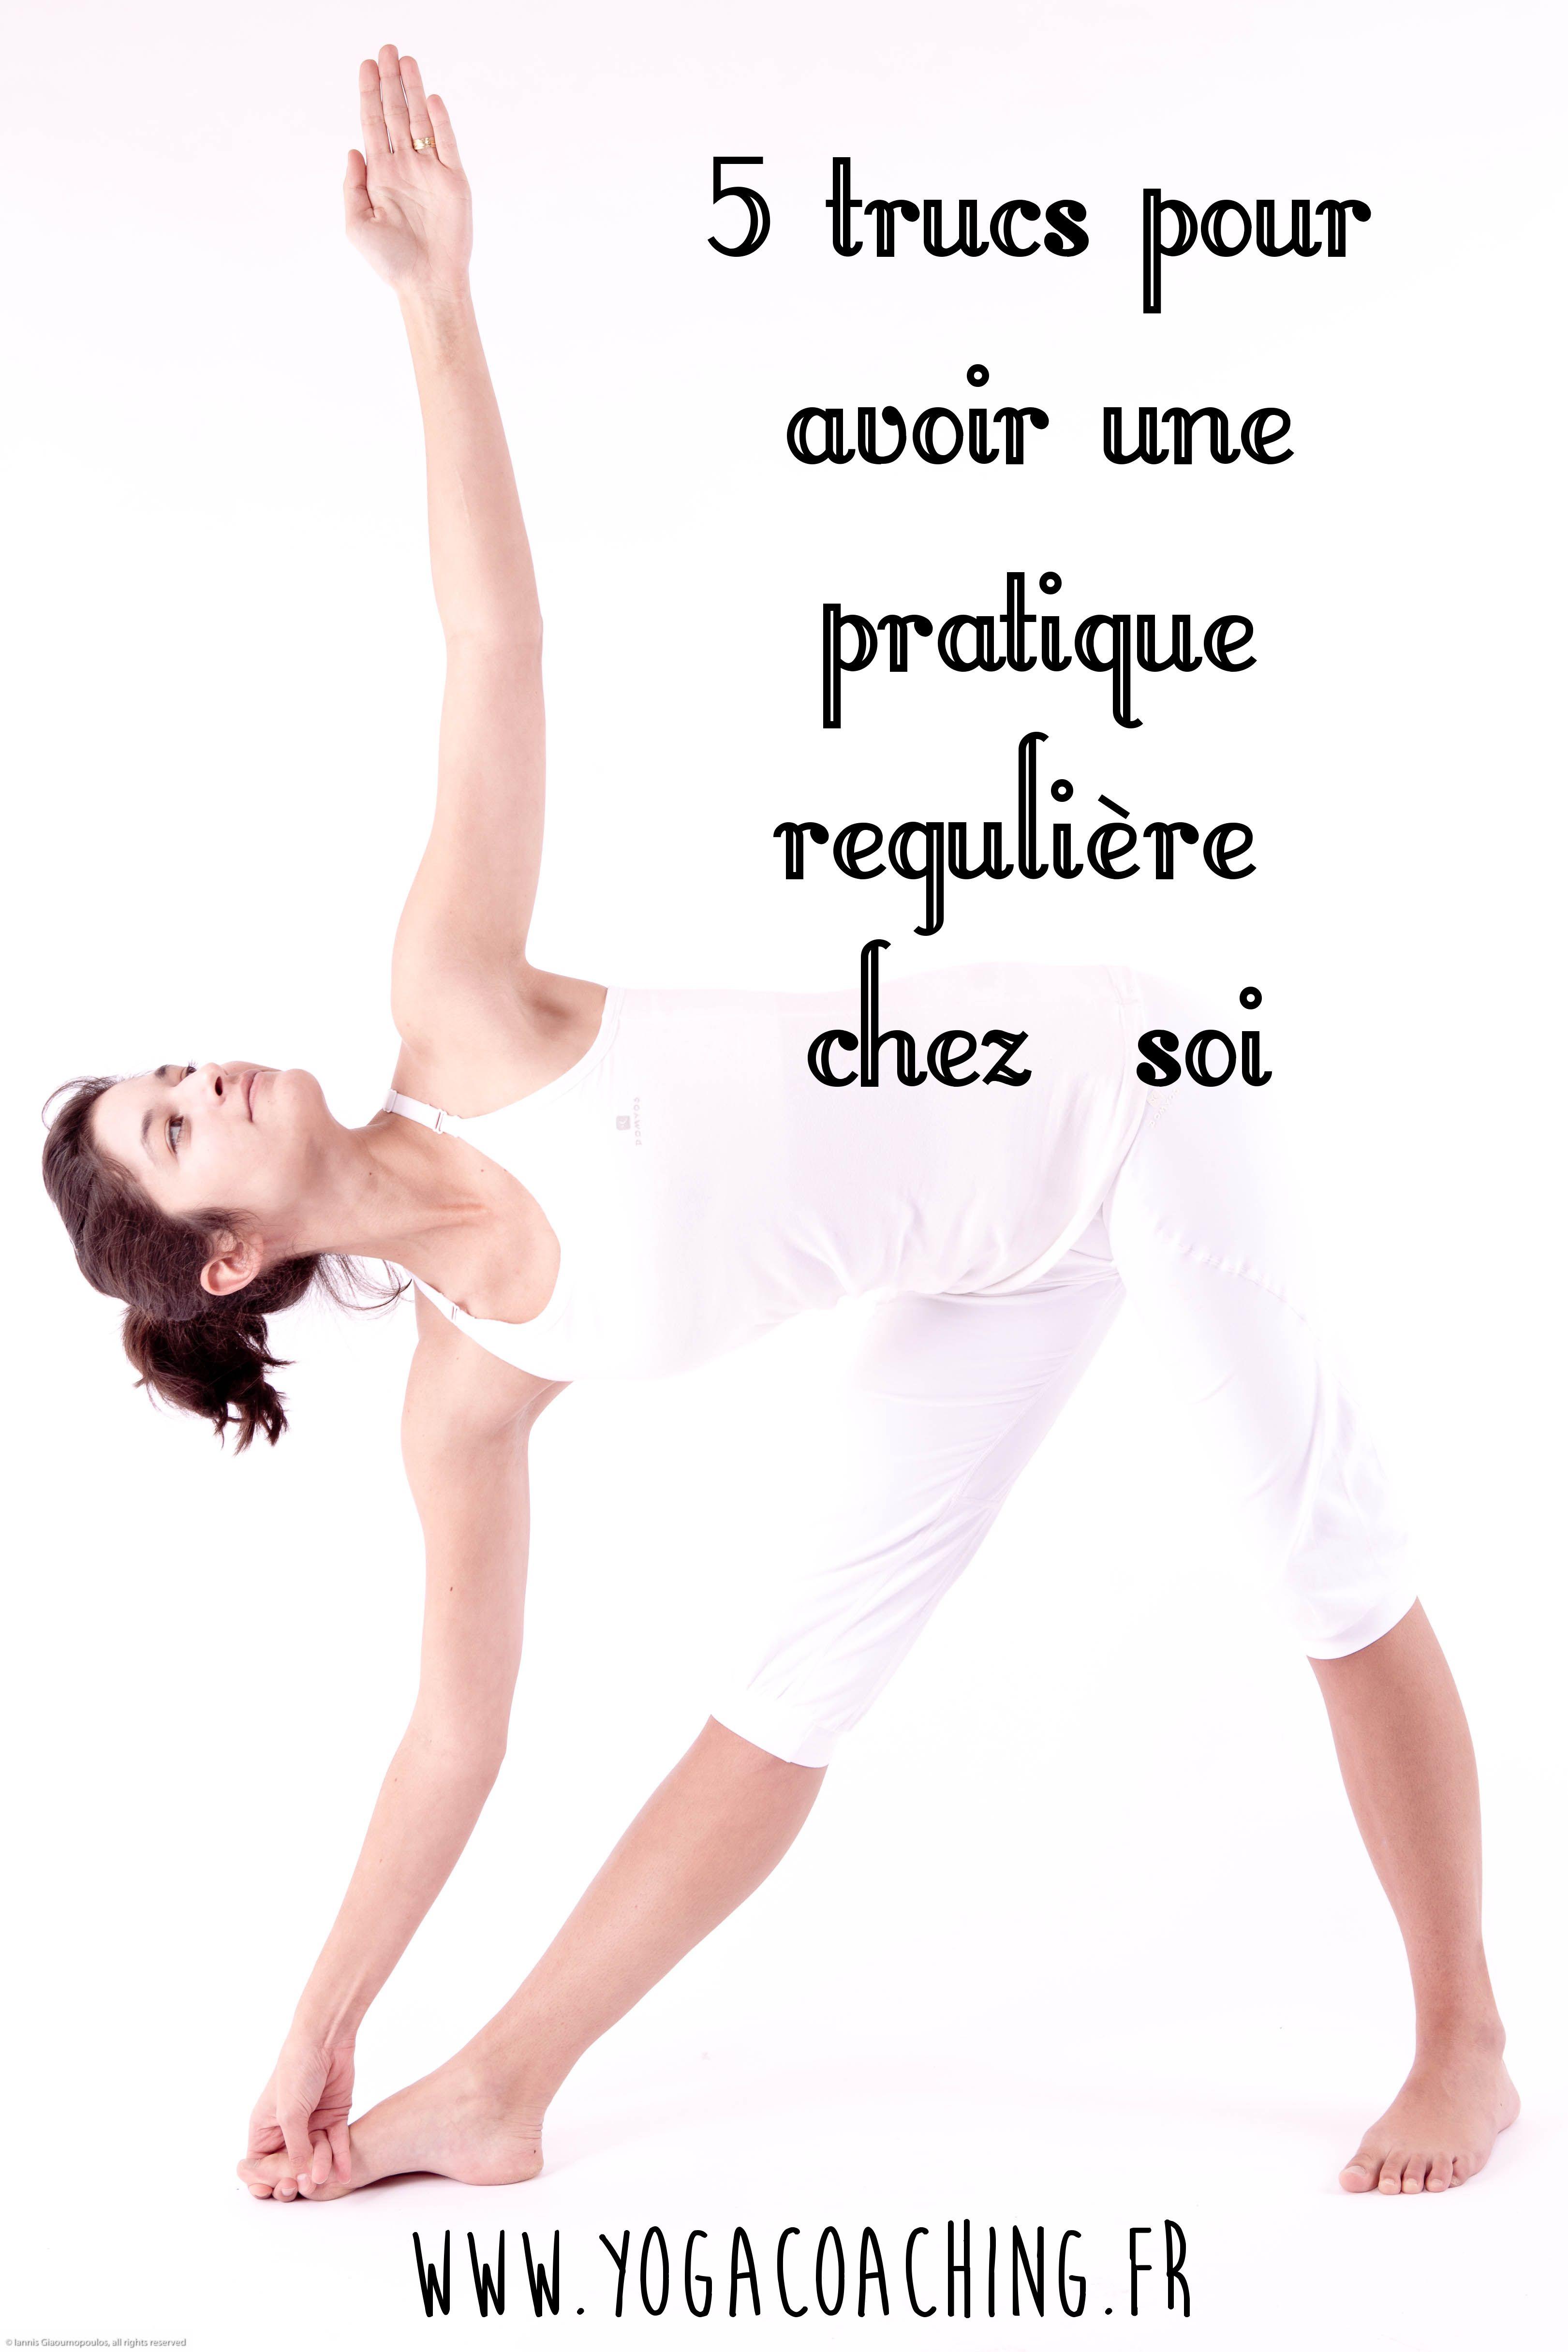 Pas Toujours Facile De Se Motiver Pour Pratiquer Le Yoga Tout Seul Retrouvez  Petites